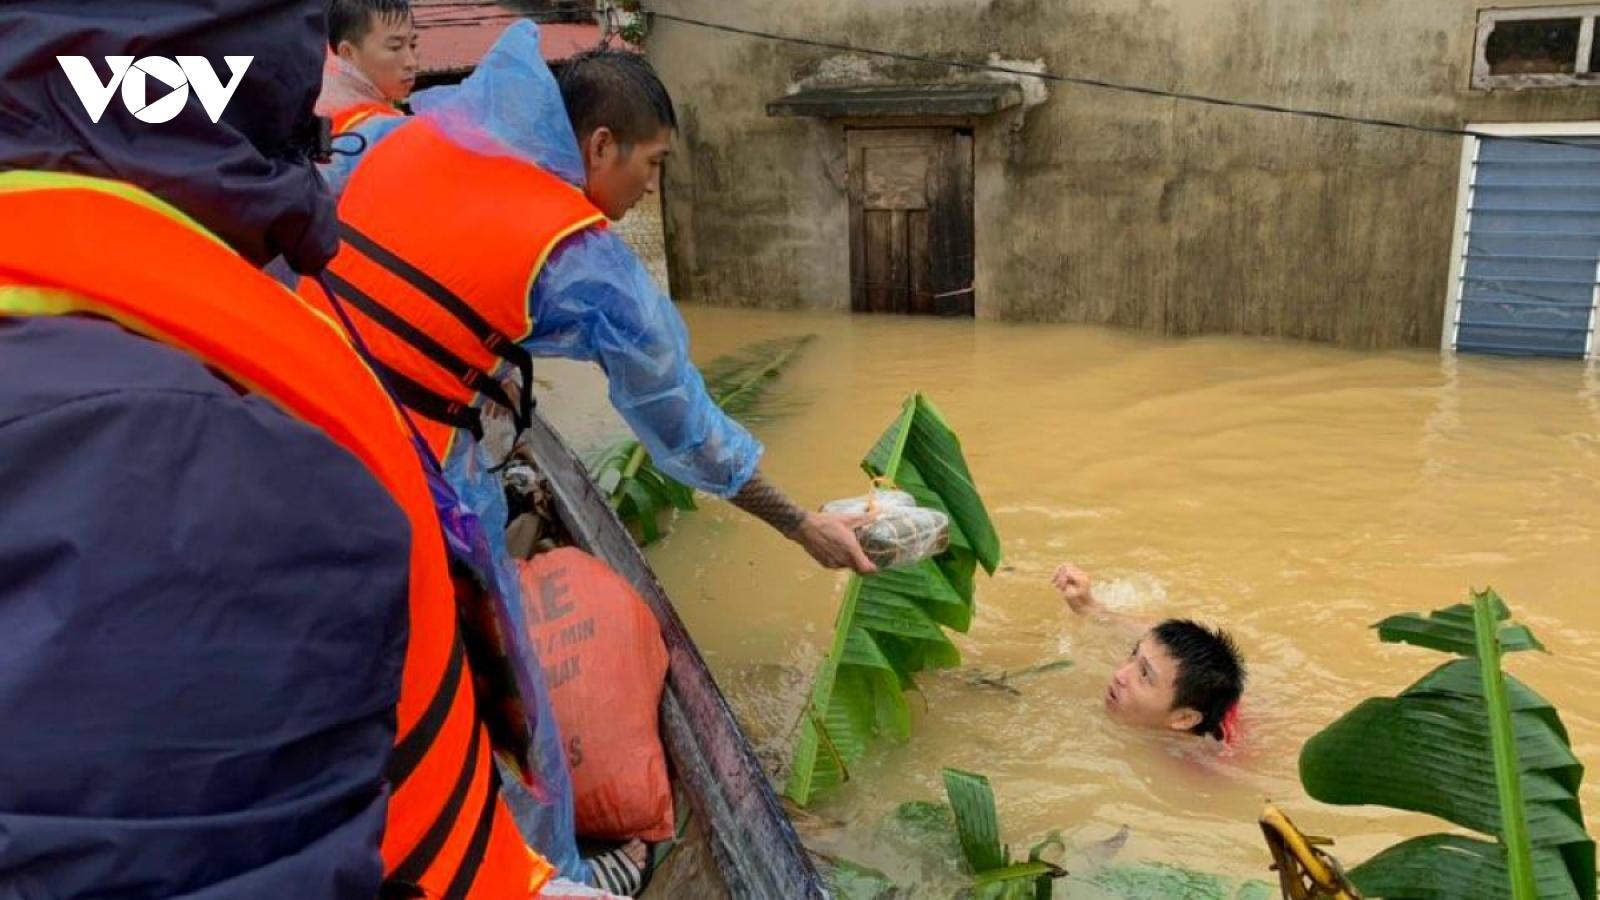 Chính phủ Mỹ chia sẻ thiệt hại do lũ lụt ở các tỉnh miền Trung